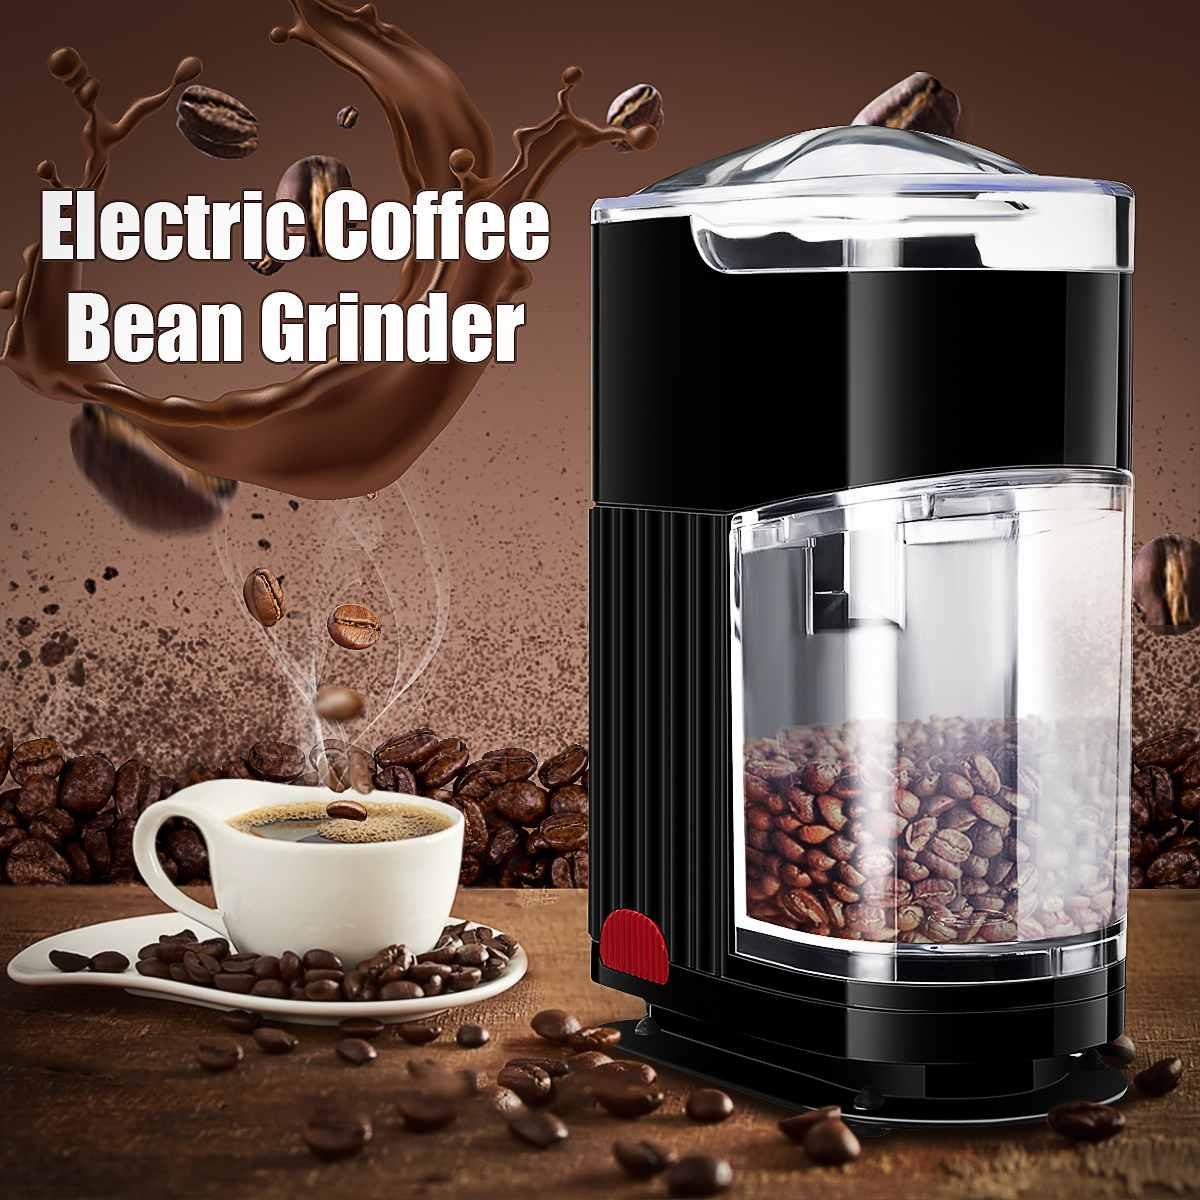 Elektrische Kaffeemühle Multifunktionale Büro Haushalt Elektrische Kaffeemühle Bean Spice Maker Schleifen Maschine EU/Us-stecker